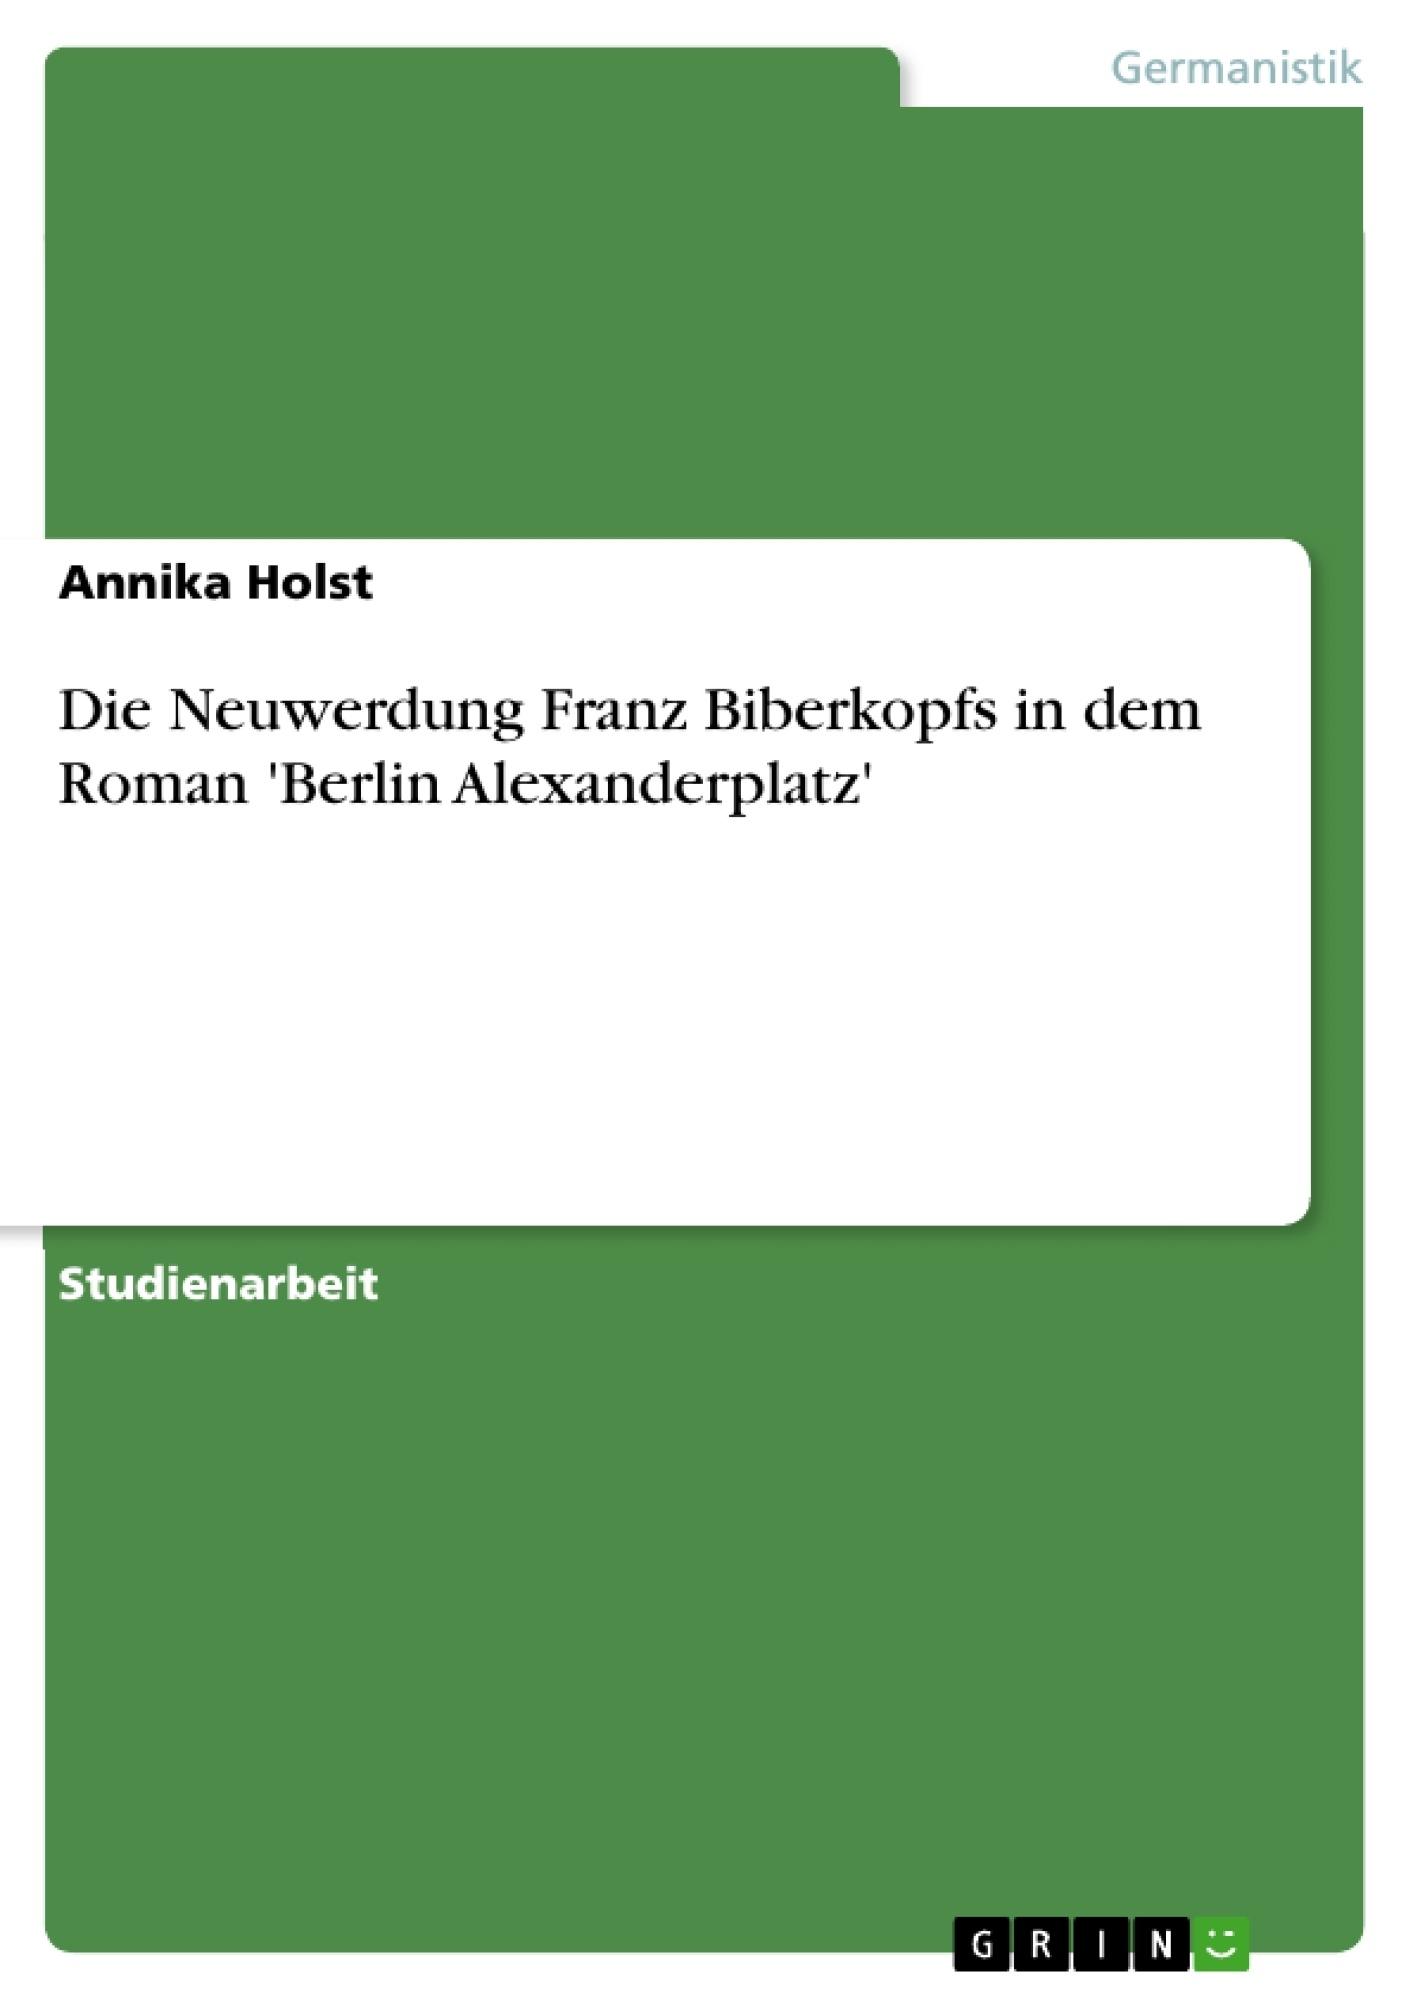 Titel: Die Neuwerdung Franz Biberkopfs in dem Roman 'Berlin Alexanderplatz'